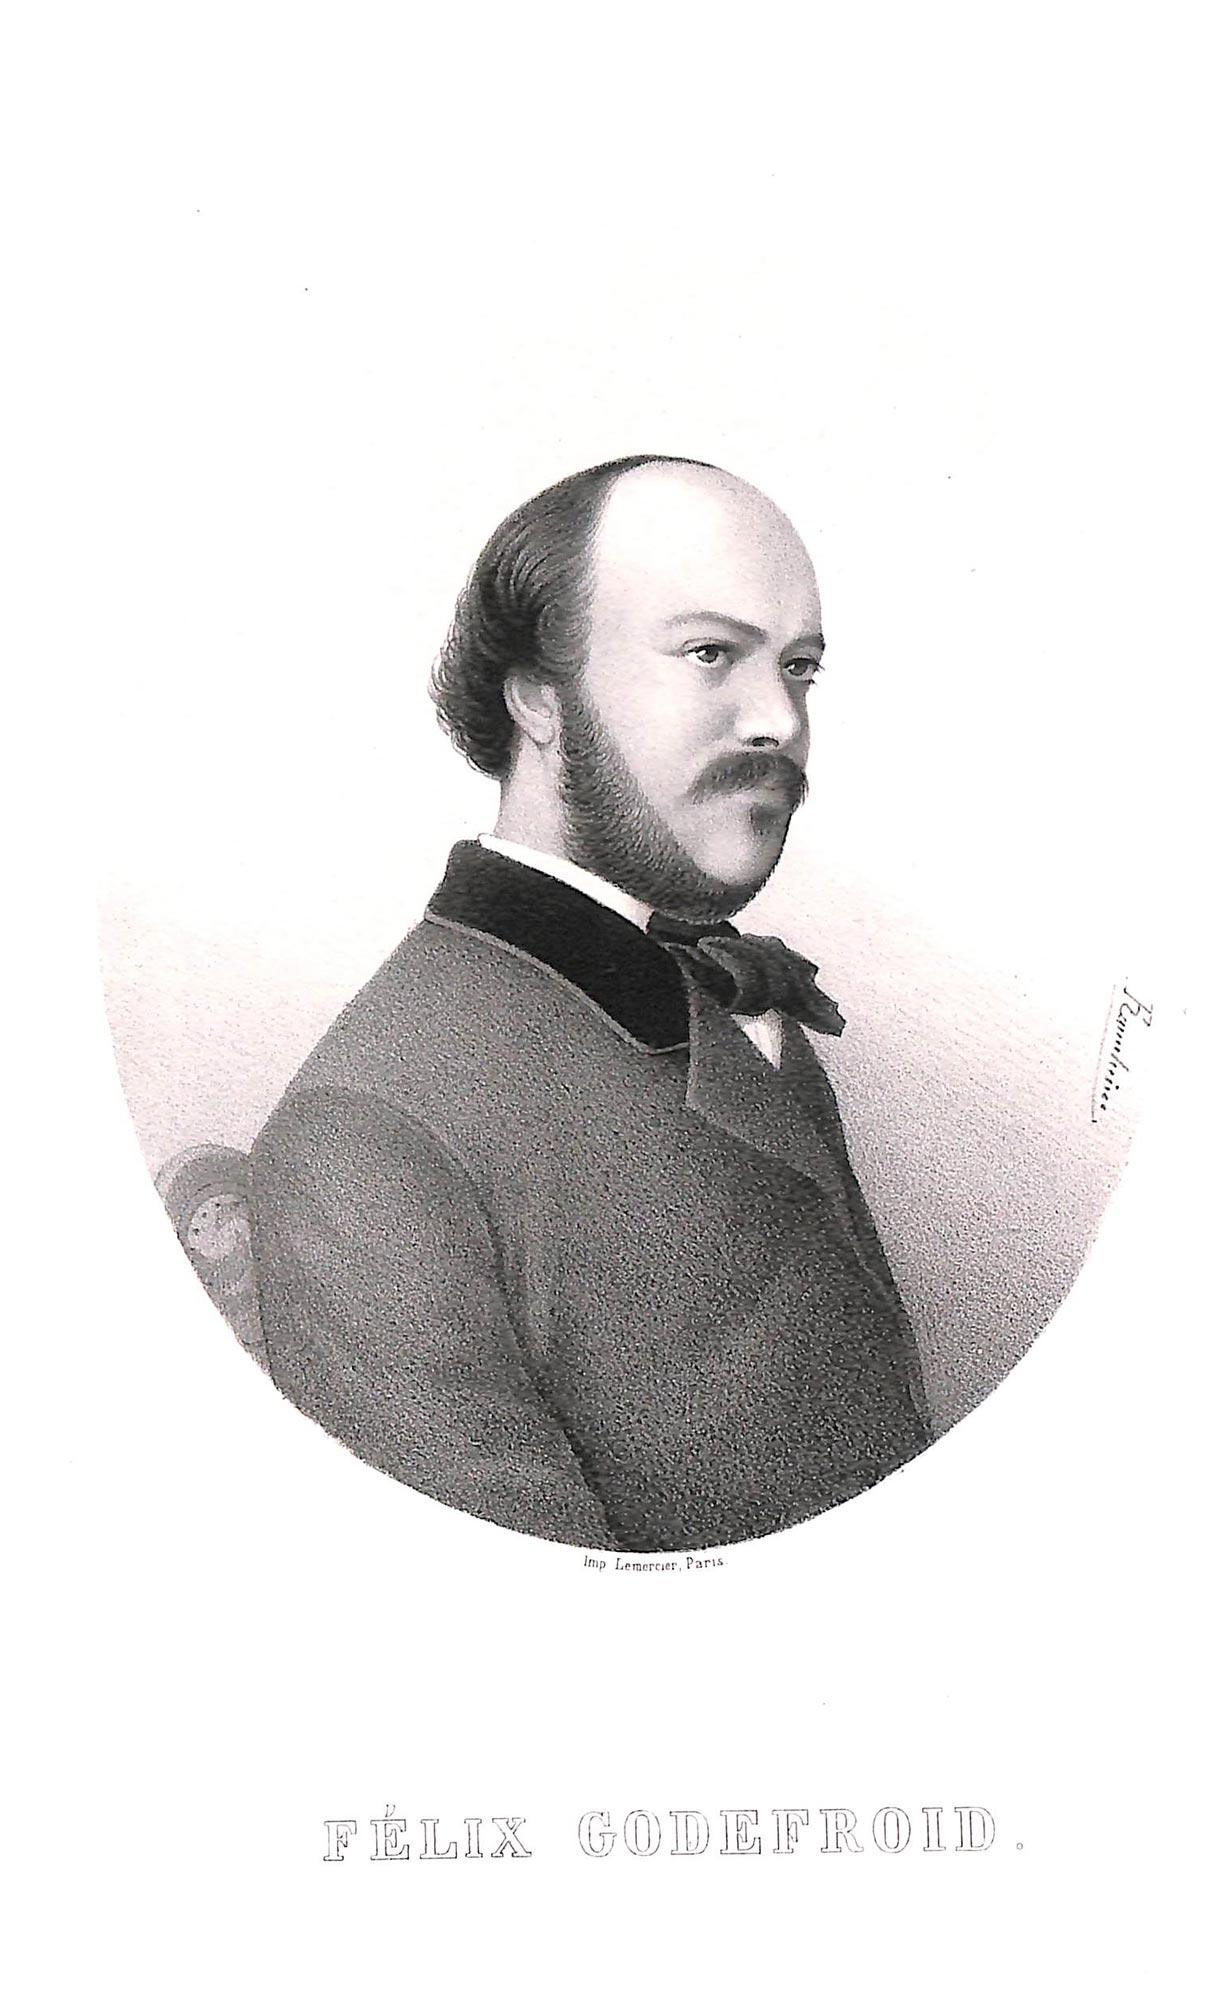 Portrait de Félix Godefroid